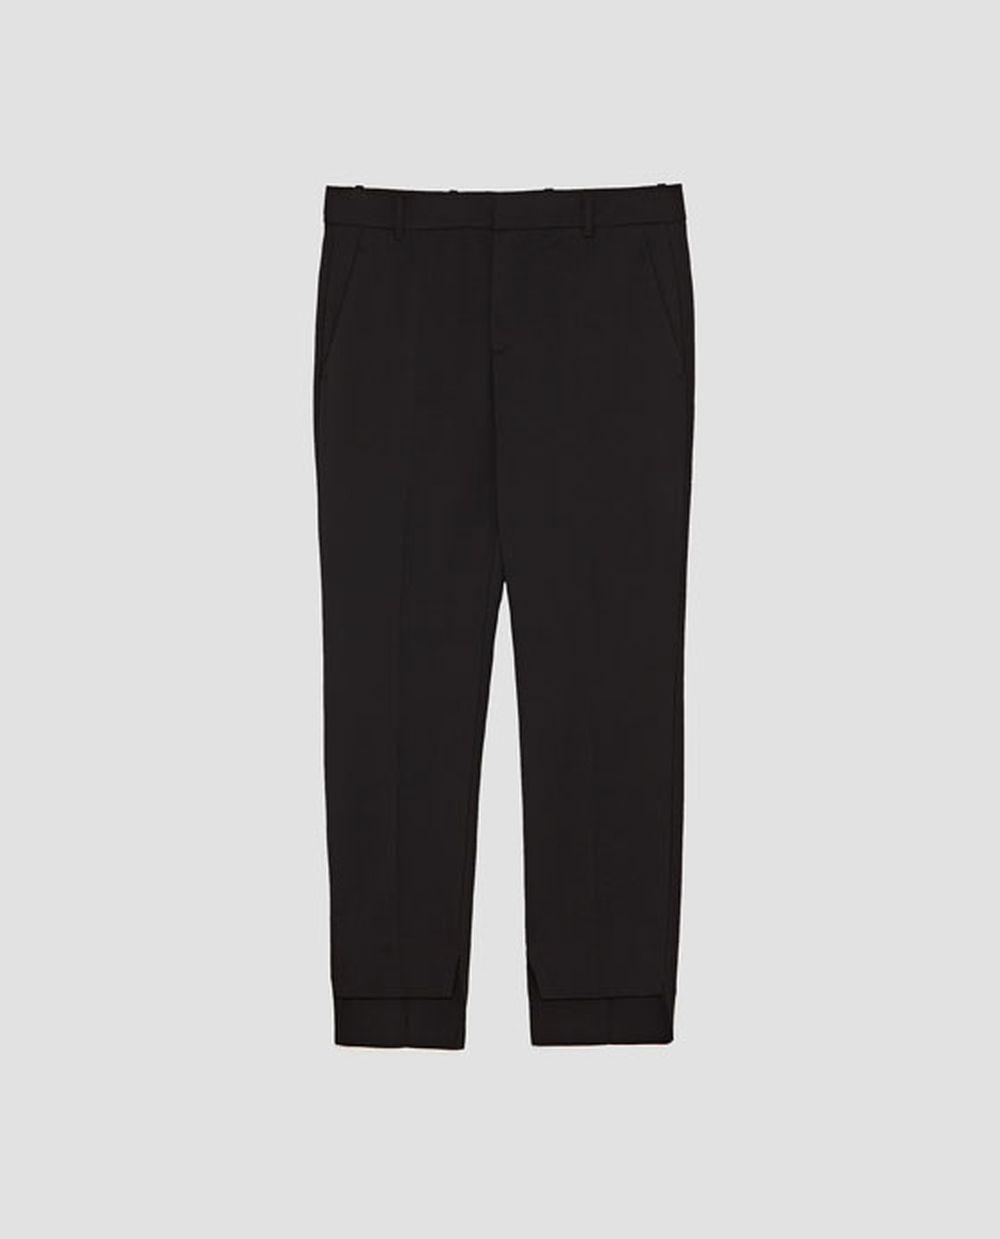 Pantalón de pinzas, Zara (29,95 euros).